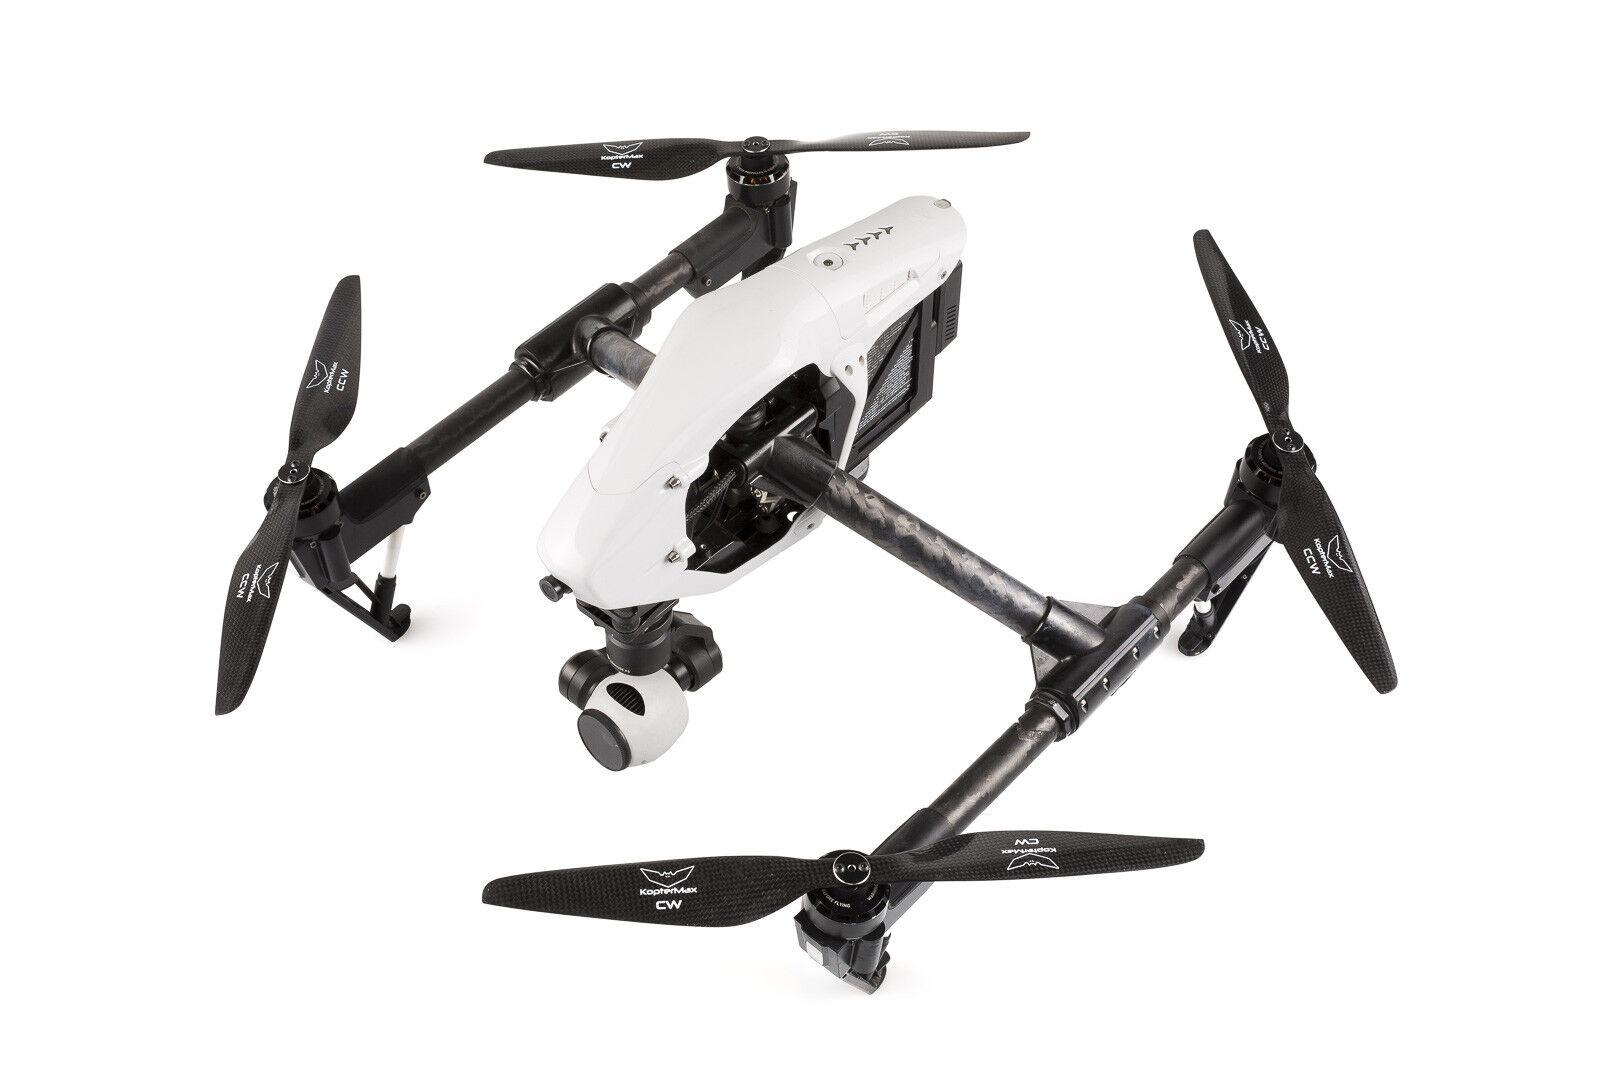 Hélices de fibra de carbono y adaptadores para DJI Inspire 1 matriz 100 Drone